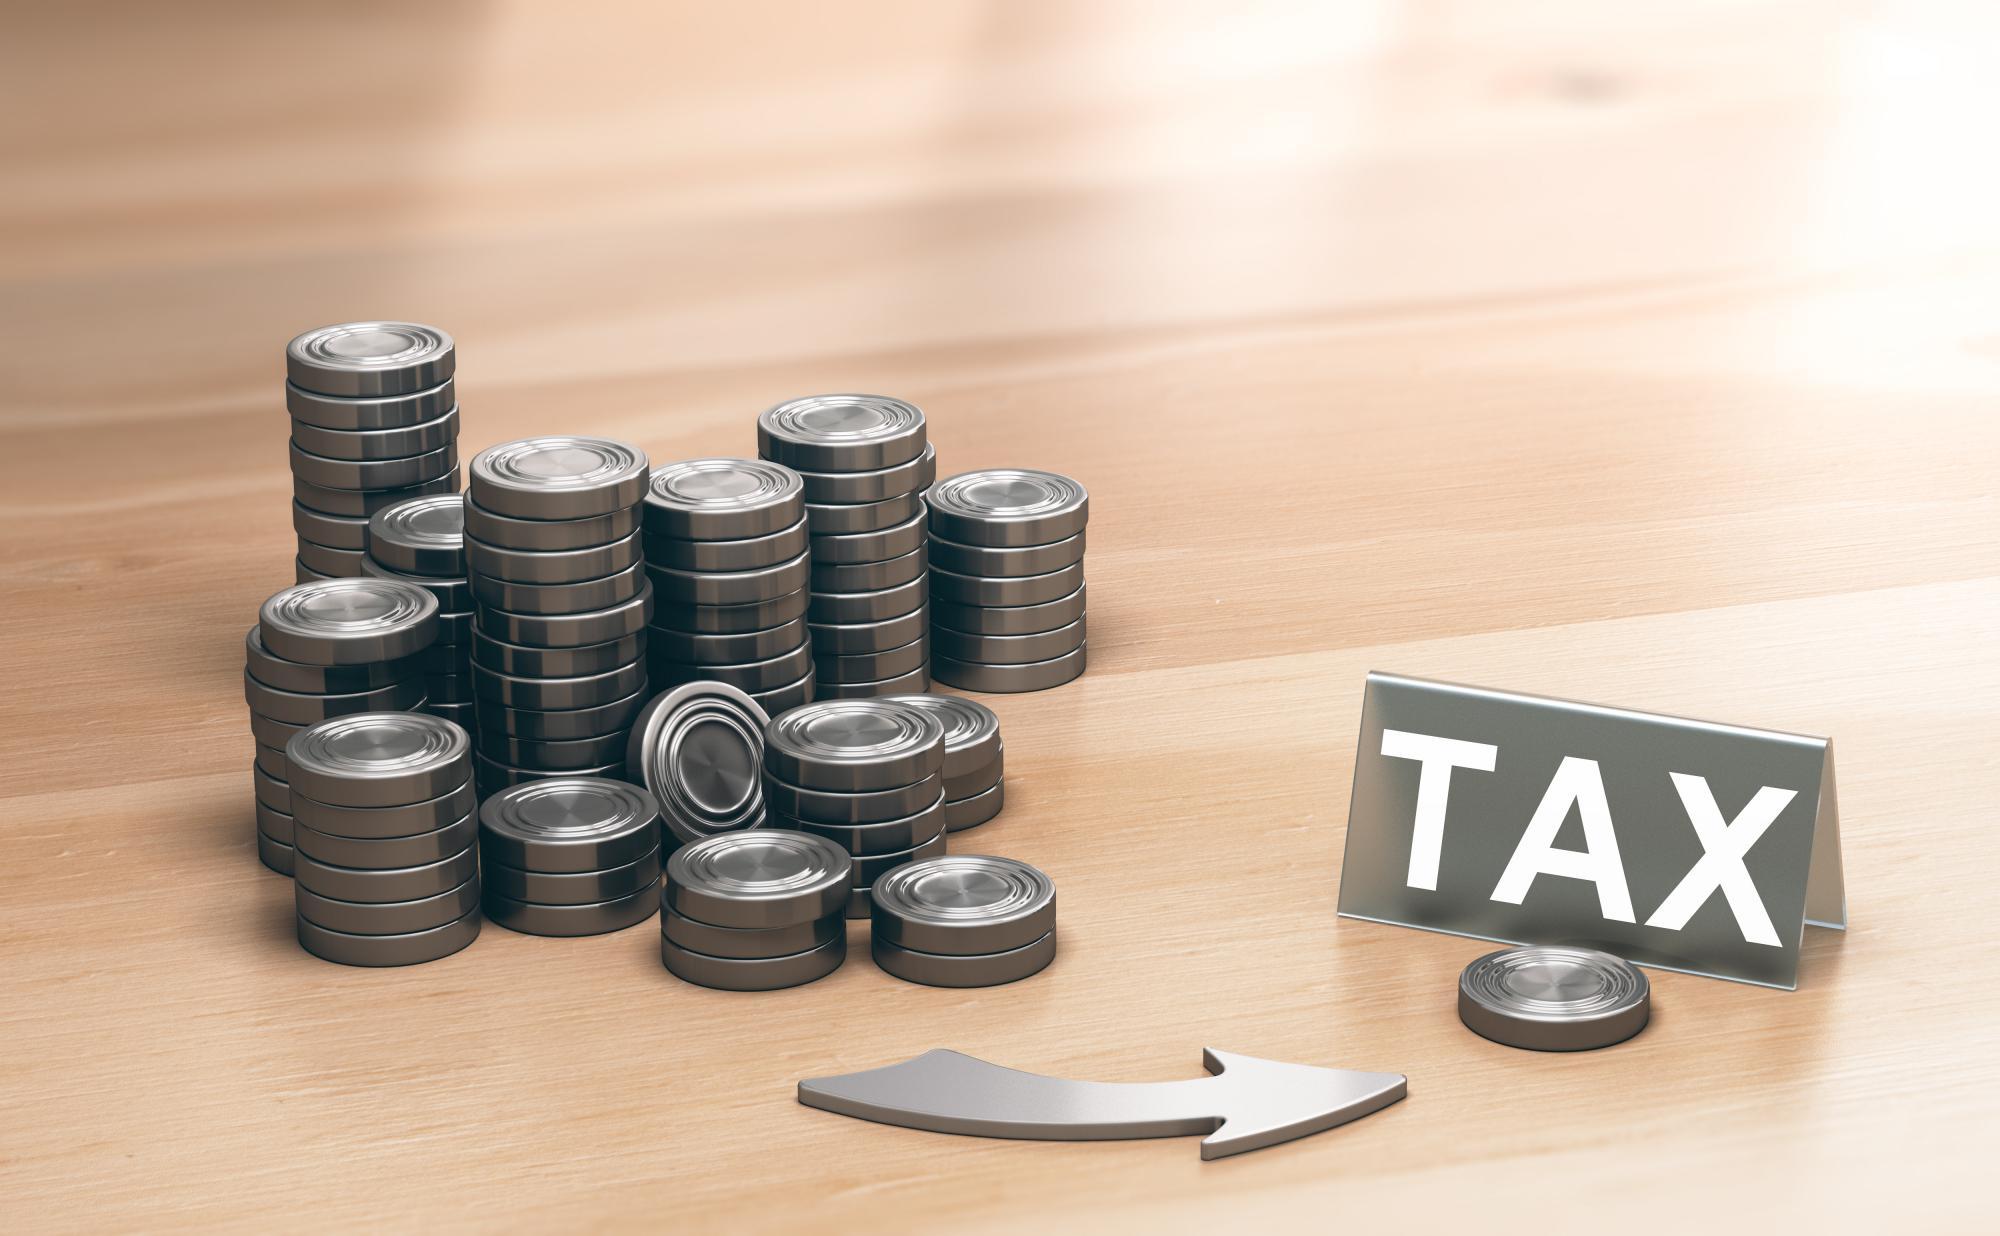 Налоговая оптимизация обретает новые формы